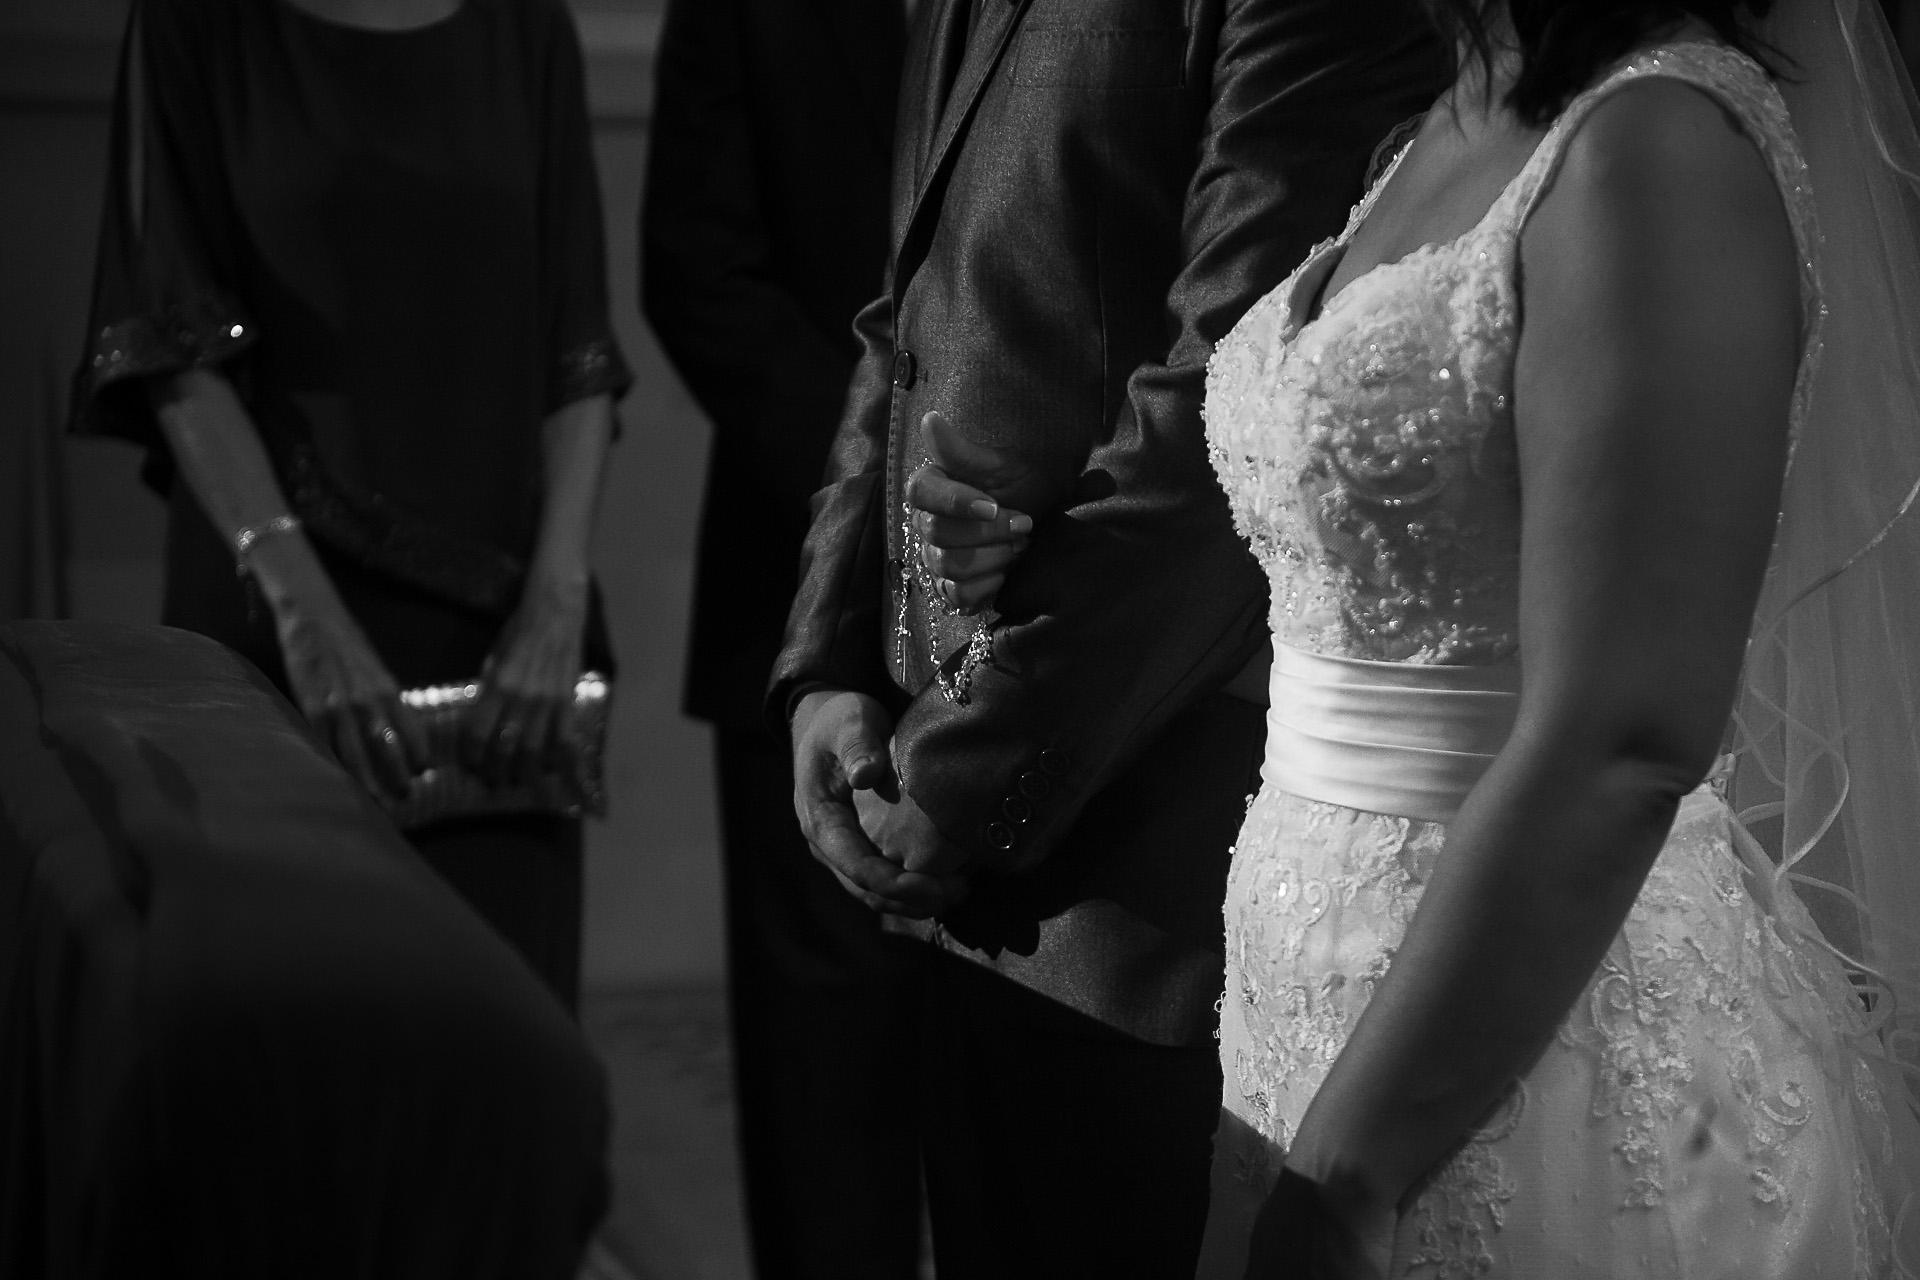 fotografo de casamento-35